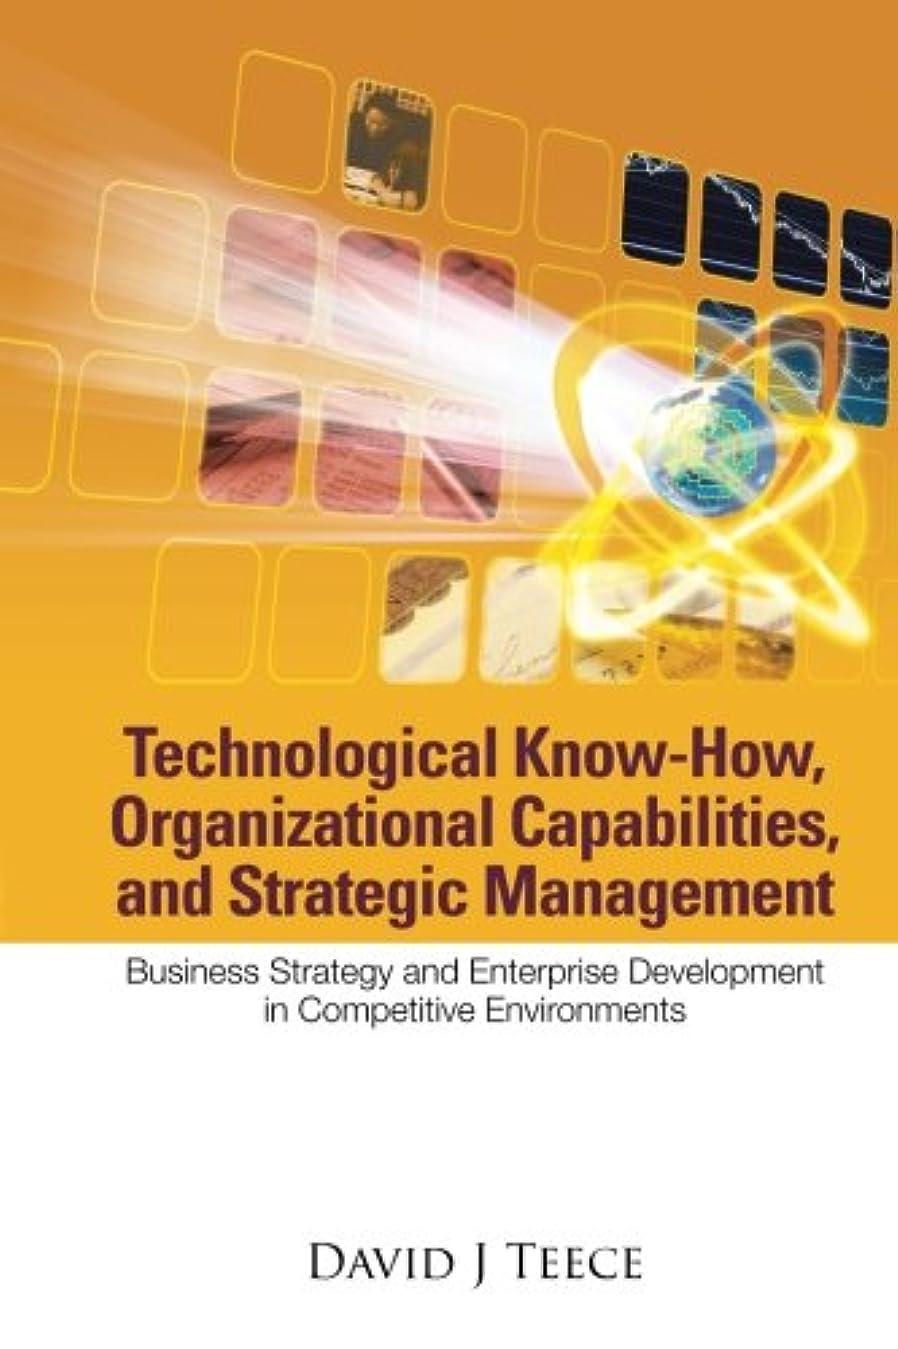 胃作成する不変Technological Know-How, Organizational Capabilities, And Strategic Management: Business Strategy And Enterprise Development In Competitive Environments